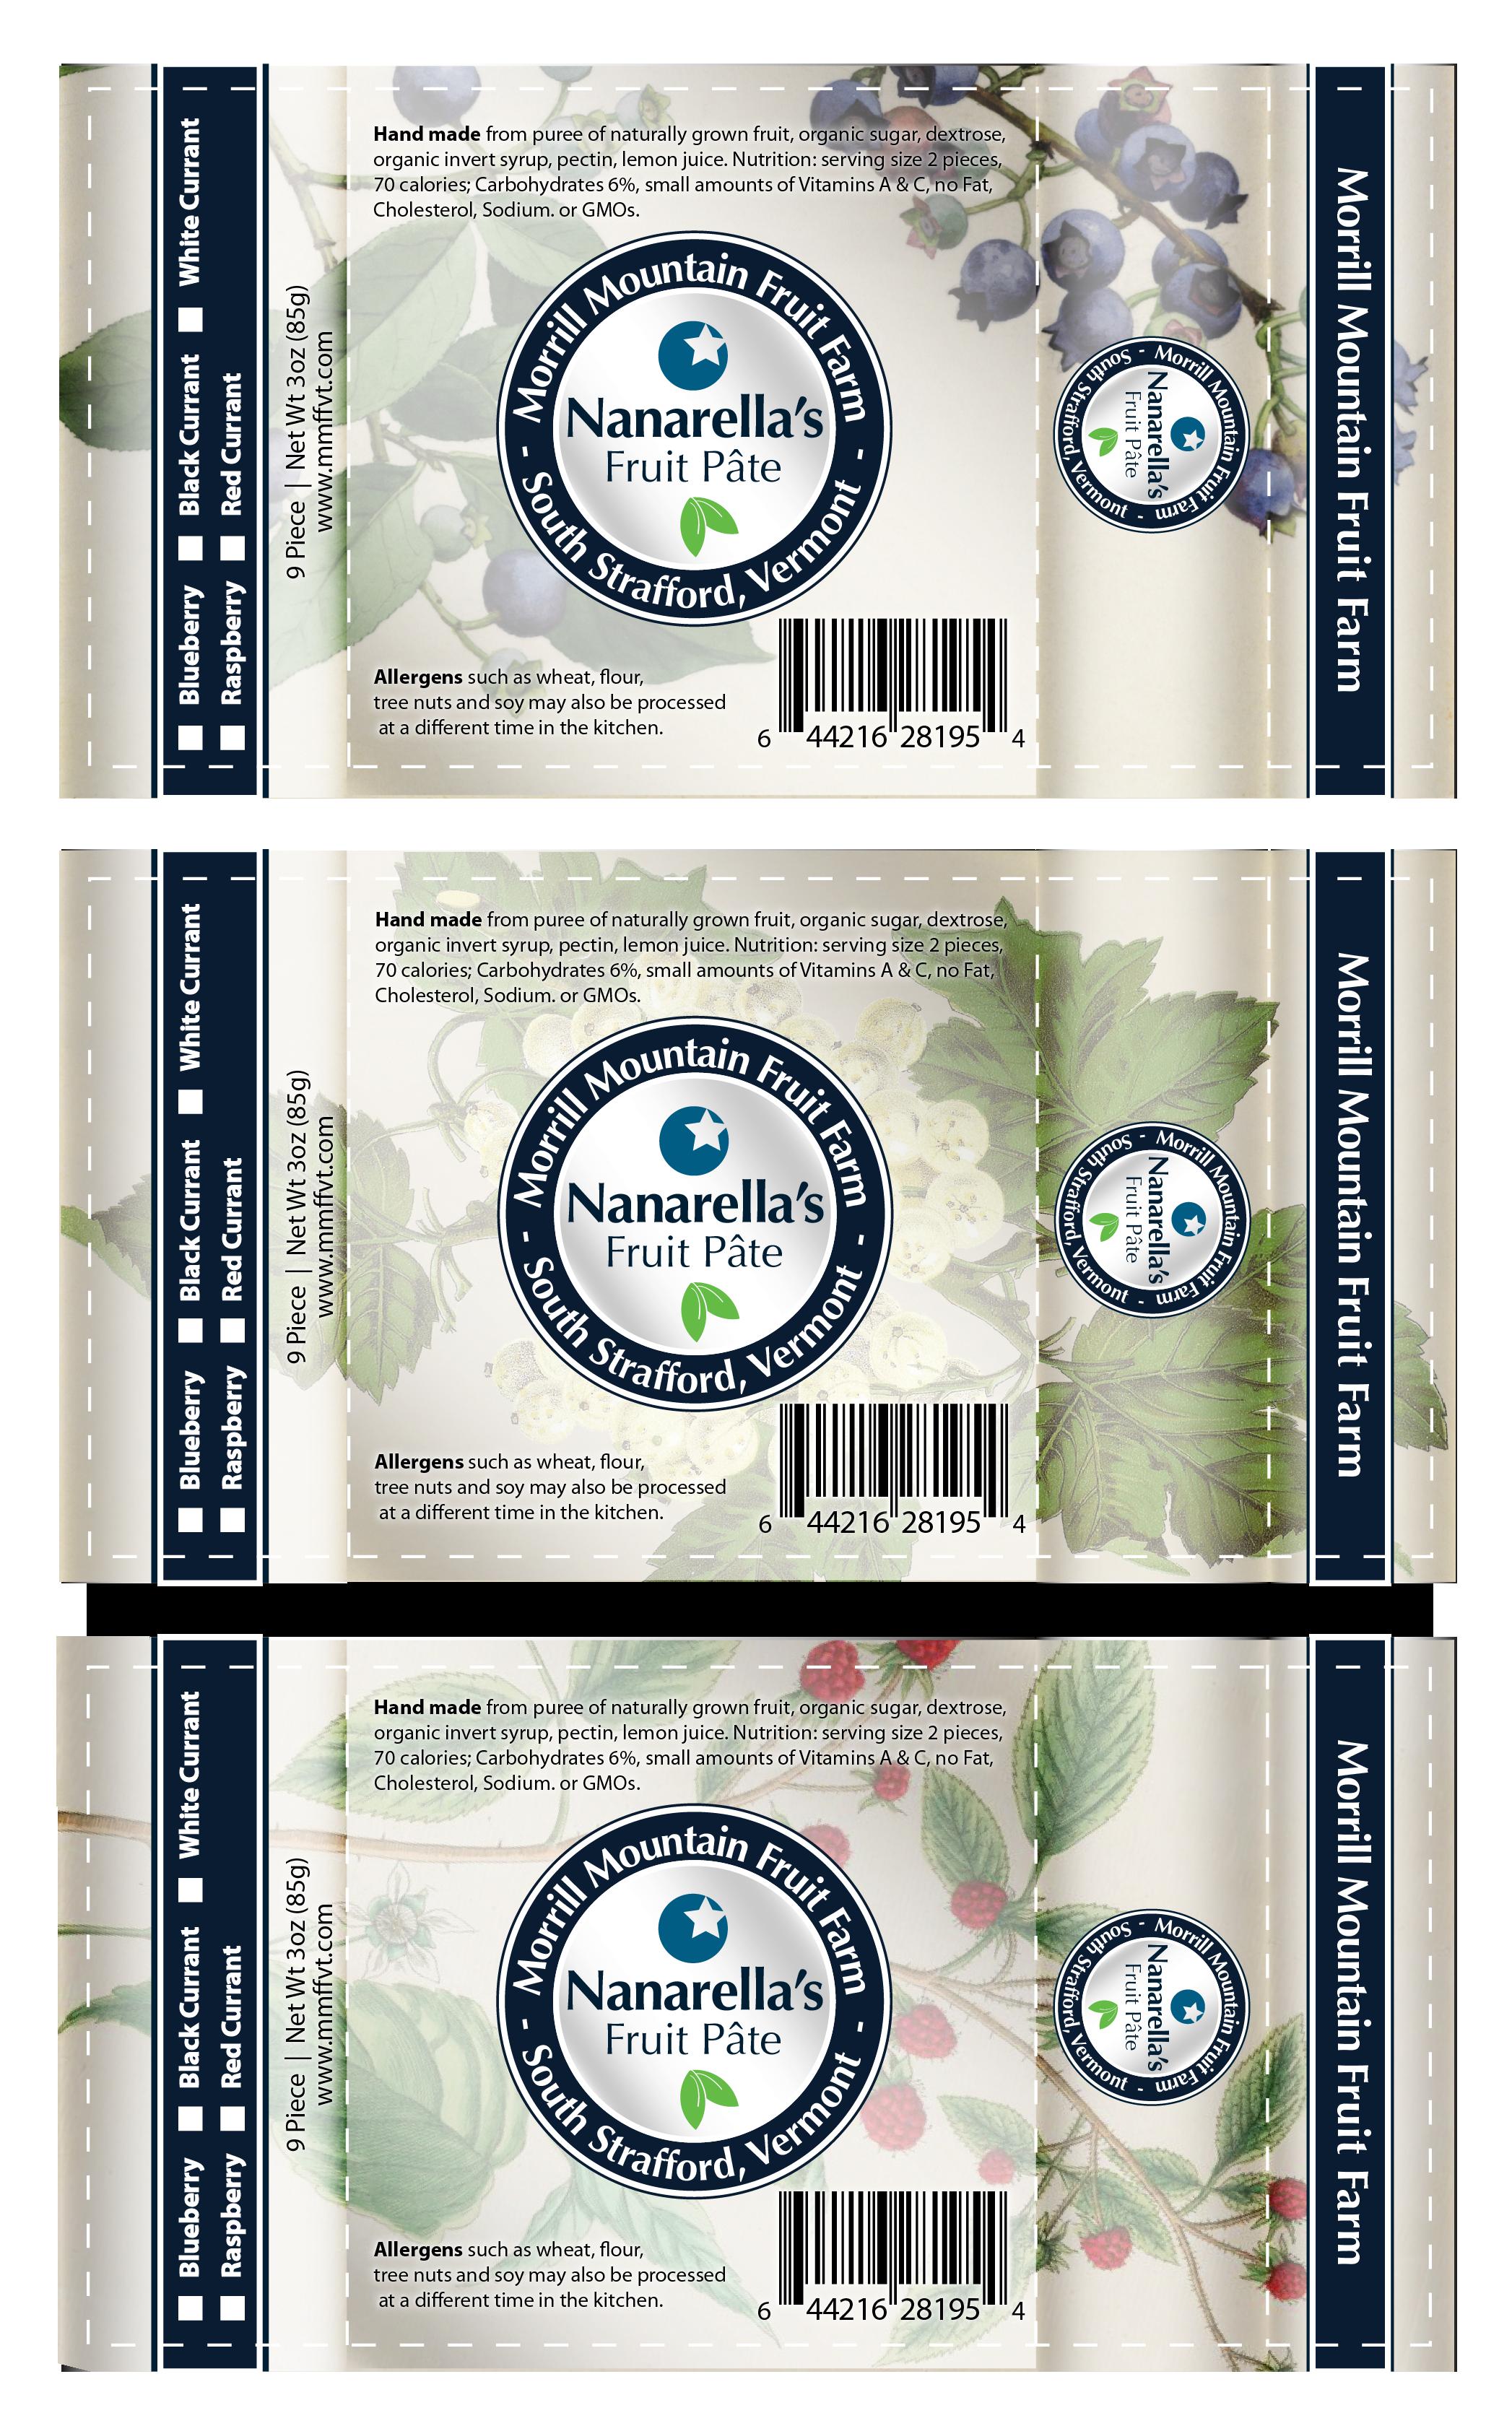 nanarellas.3.labels